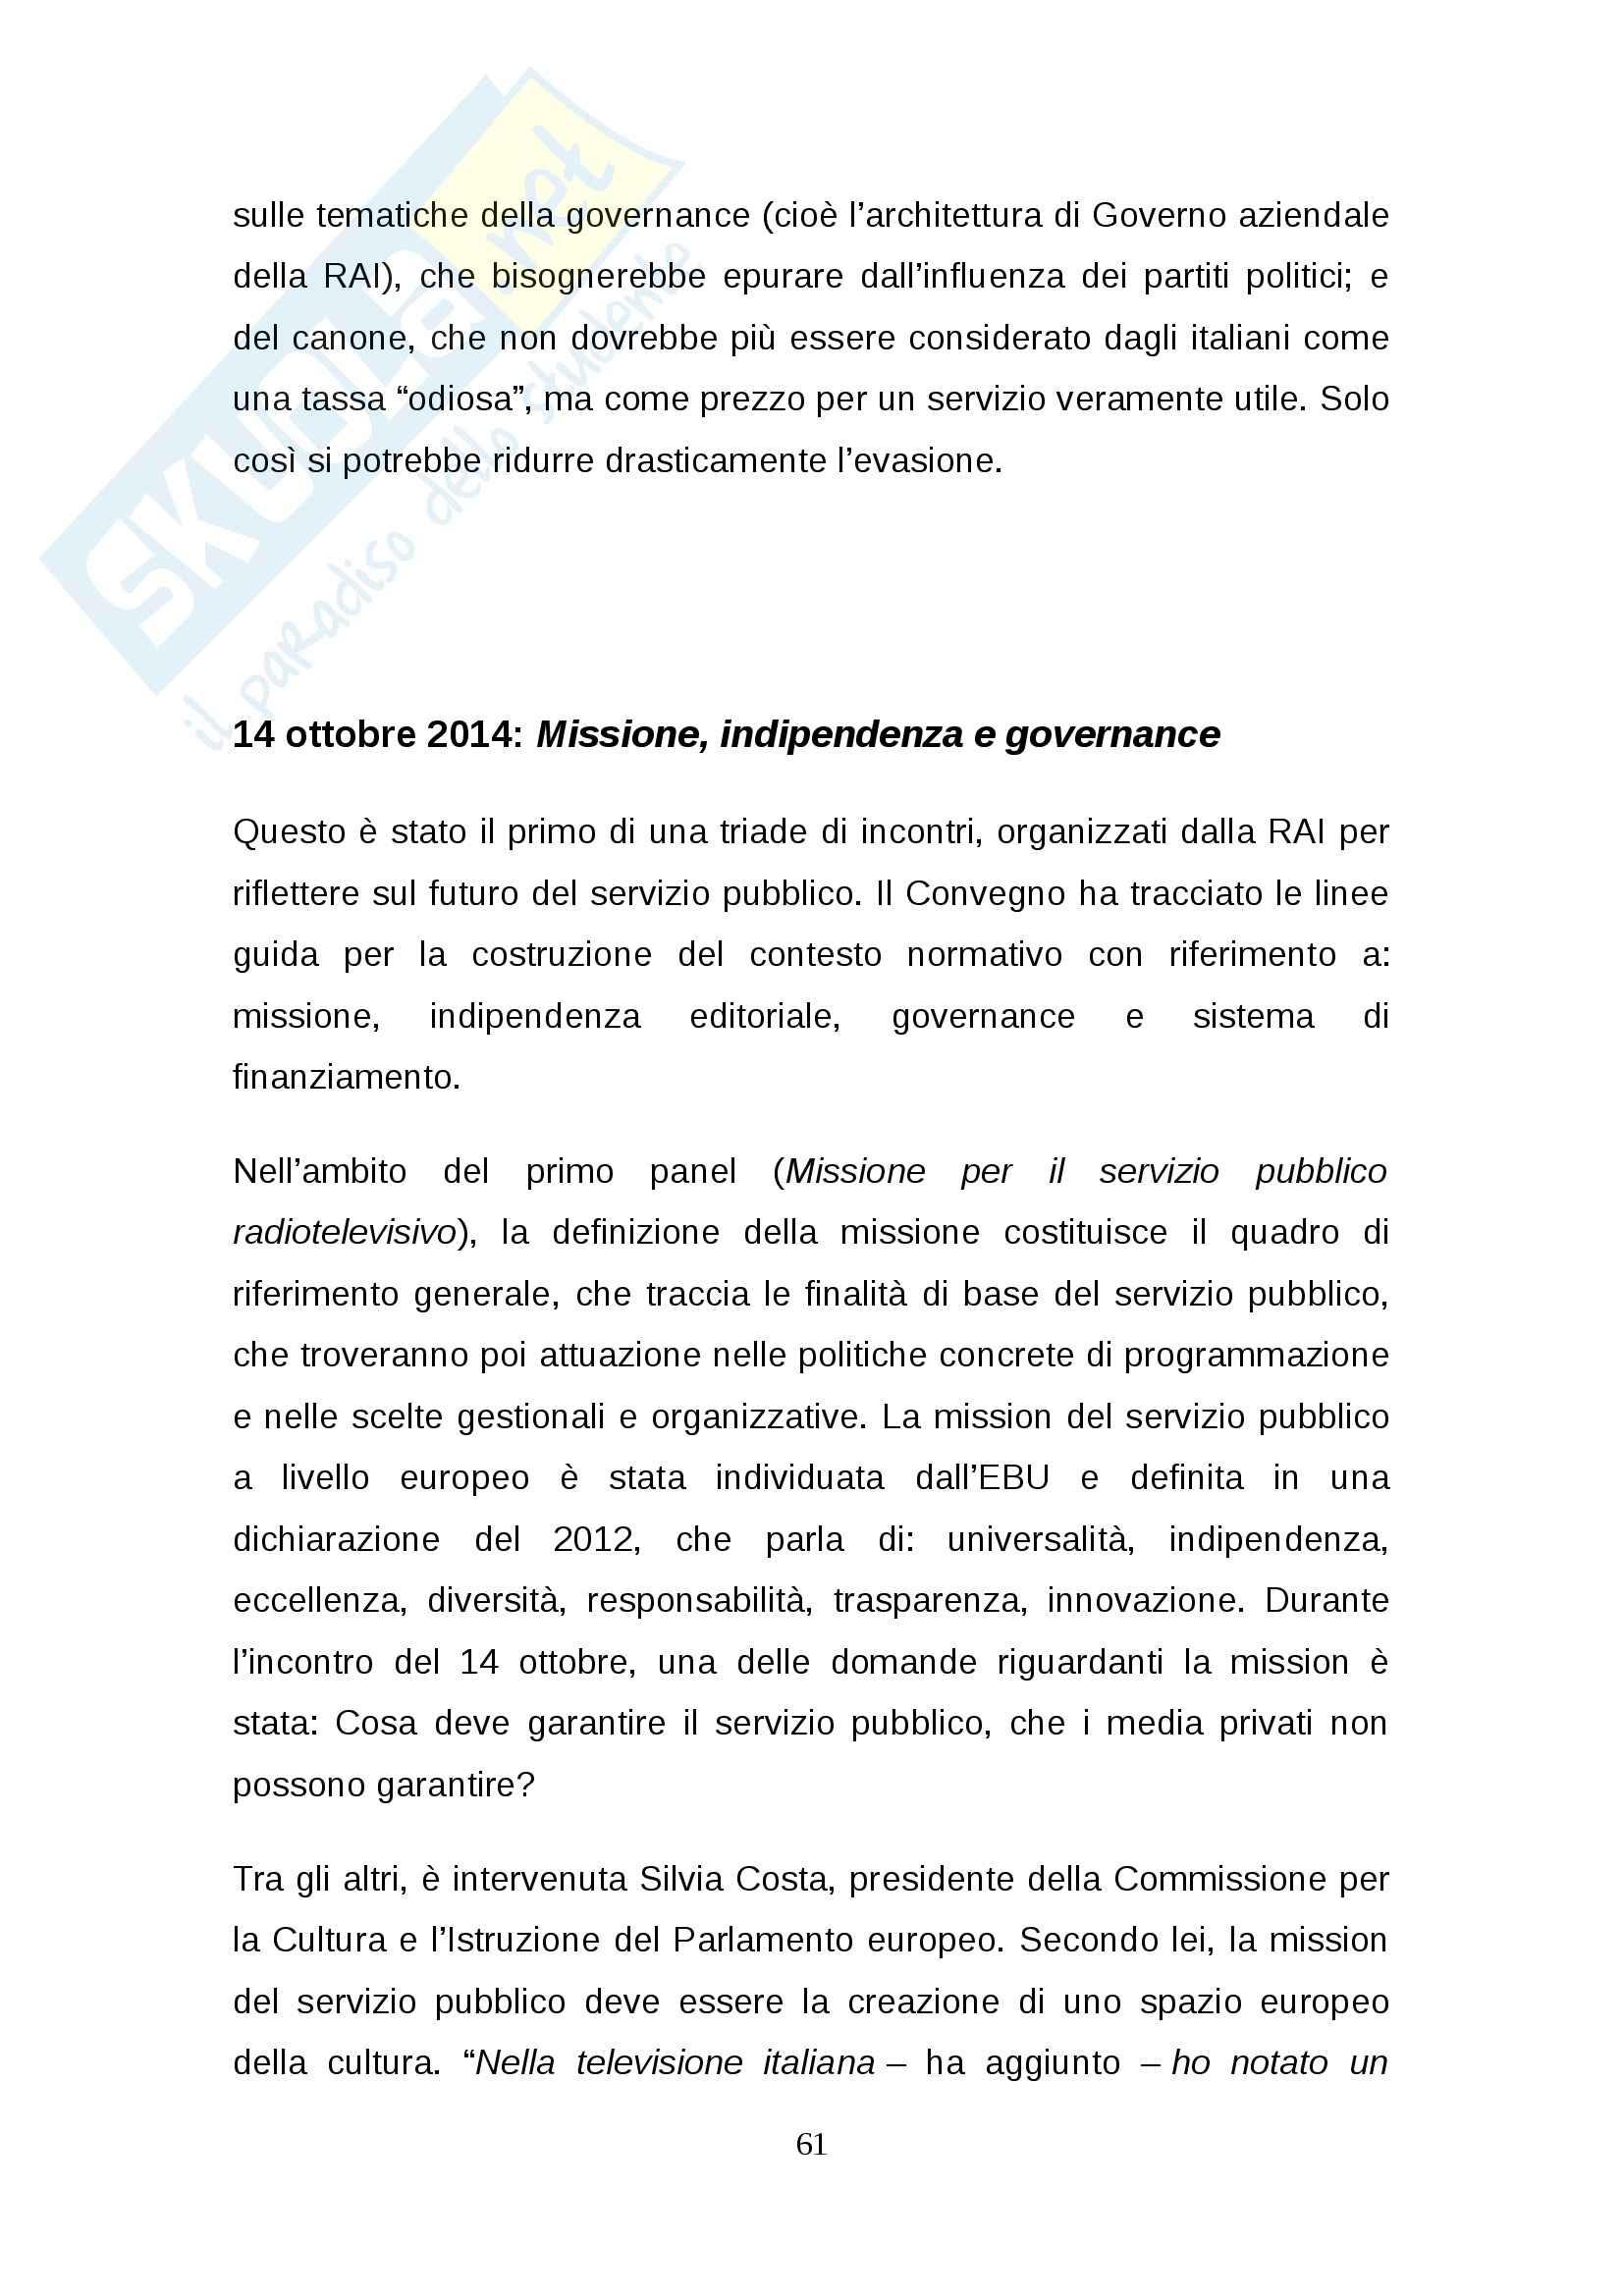 Tesi: Rinnovo della concessione pubblica Stato-RAI: regole e dibattito Pag. 61